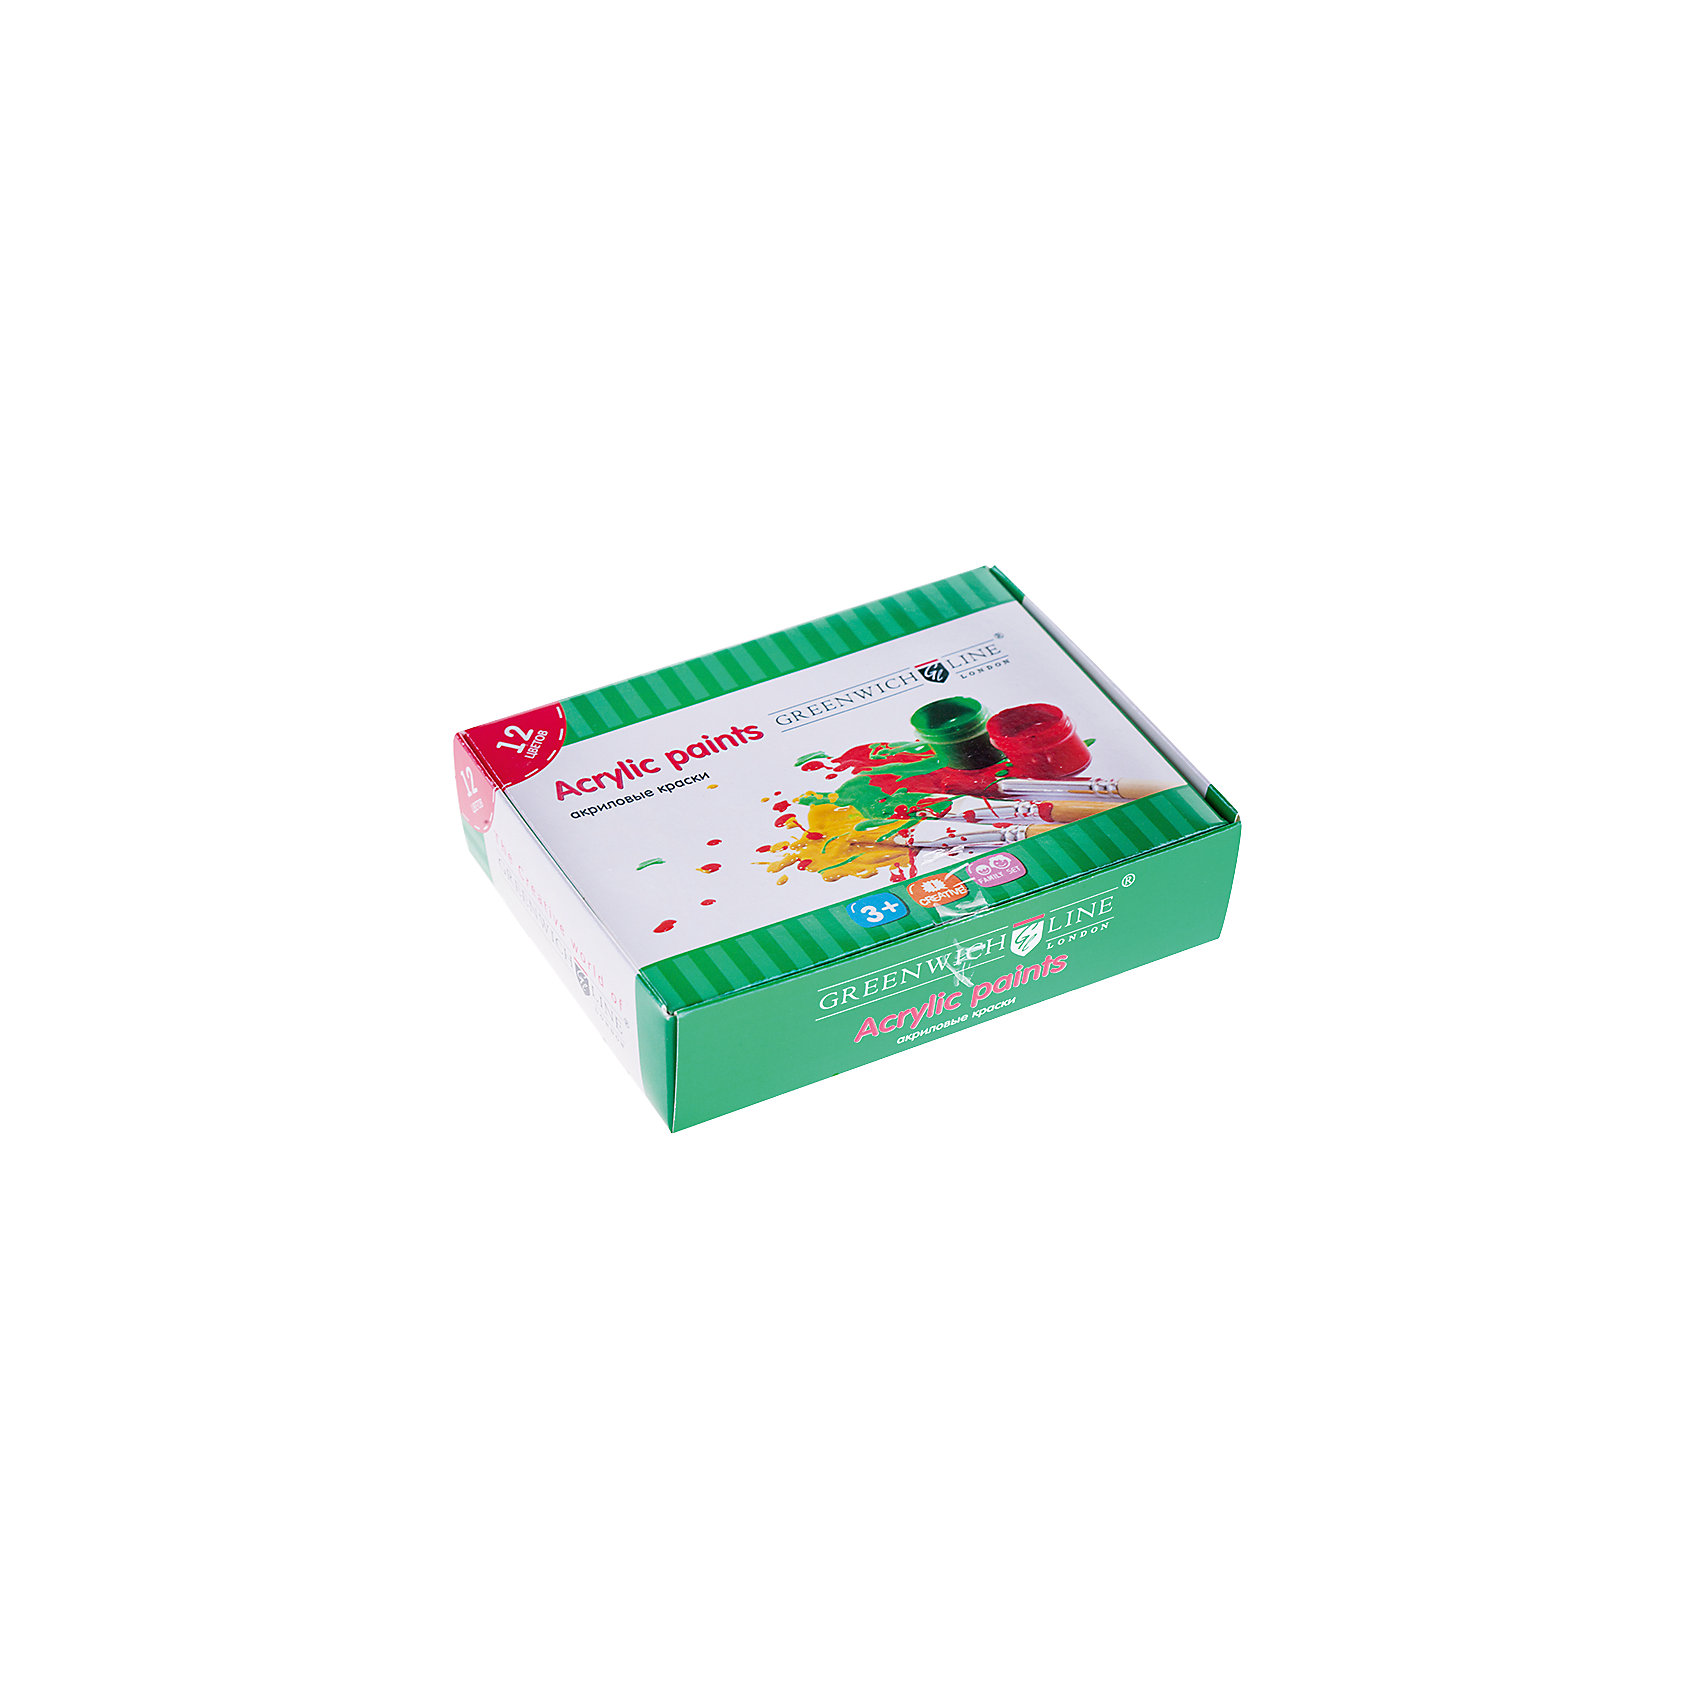 Краски акриловые 12цветов 20мл Greenwich LineКраски и кисточки<br>Тип: краски акриловые<br>Количество цветов: 12 <br>Емкость: баночка<br>Объем общий: 240<br>Объем емкости: 20<br>Упаковка ед. товара: картонная коробка<br>Наличие европодвеса: нет<br>Флуоресцентный эффект: нет<br>Перламутровый эффект: нет<br>Эффект металлик: нет<br>Акриловые краски — универсальный материал для творчества. Акриловые краски, как и акварельные, легко разбавляются водой, но после высыхания их уже нельзя размочить, и в этом акрилы сходны с темперой. Акриловые краски применяются в дизайн-графике, рекламе, оформительском искусстве<br><br>Ширина мм: 120<br>Глубина мм: 80<br>Высота мм: 40<br>Вес г: 375<br>Возраст от месяцев: 84<br>Возраст до месяцев: 2147483647<br>Пол: Унисекс<br>Возраст: Детский<br>SKU: 7044207